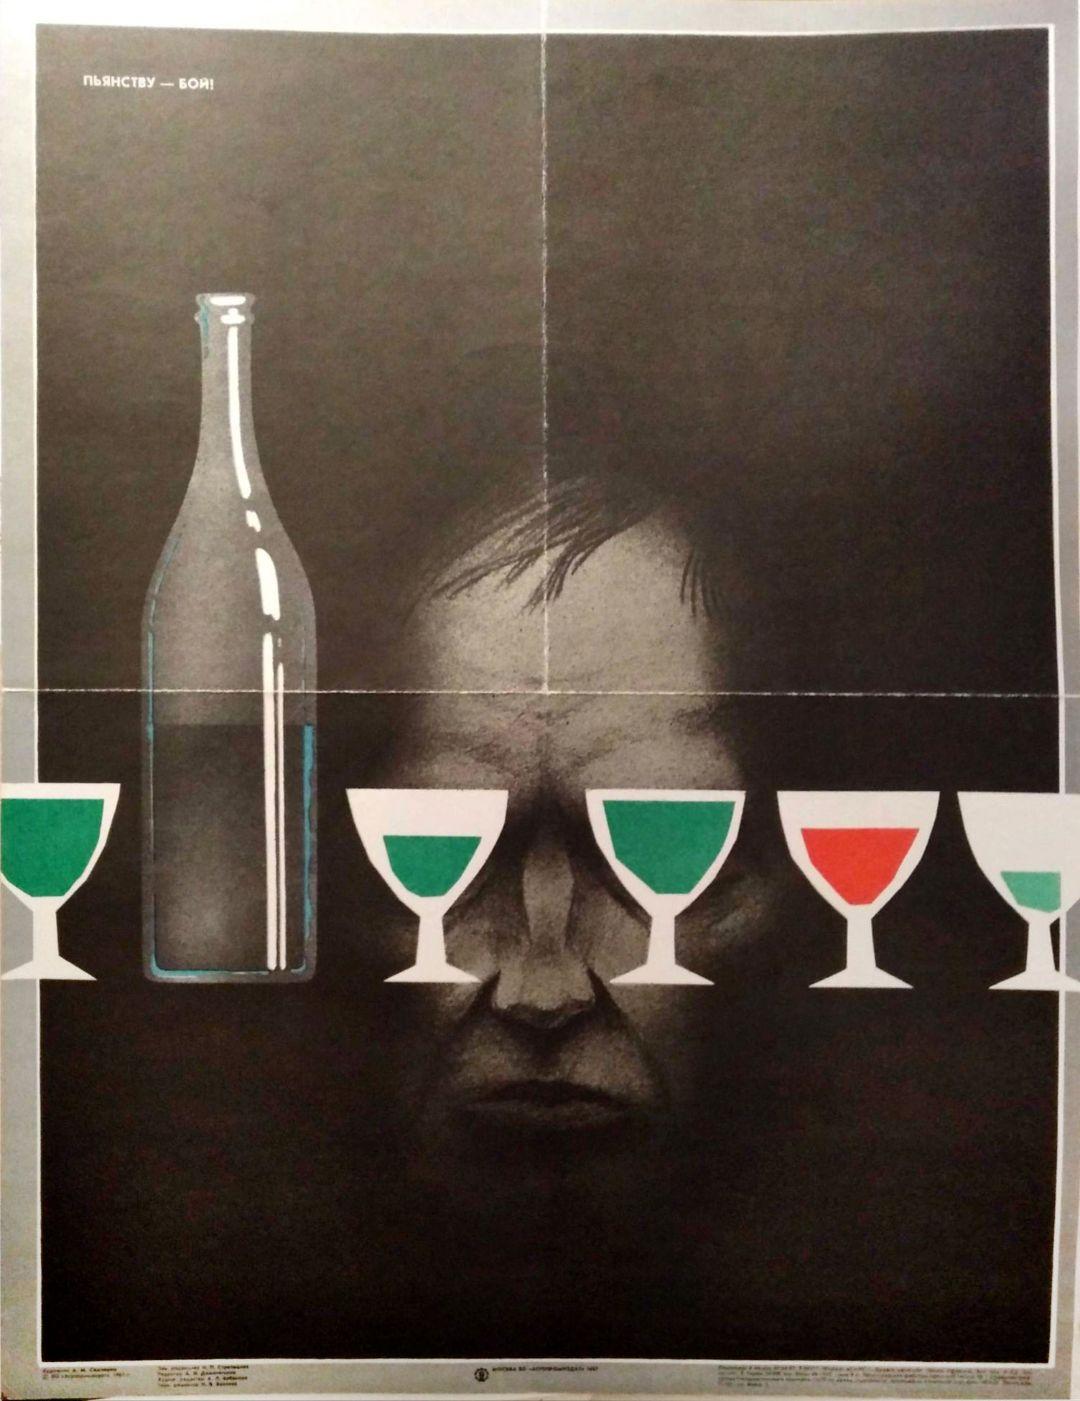 Плакат. Пьянству — бой! 1987 г.